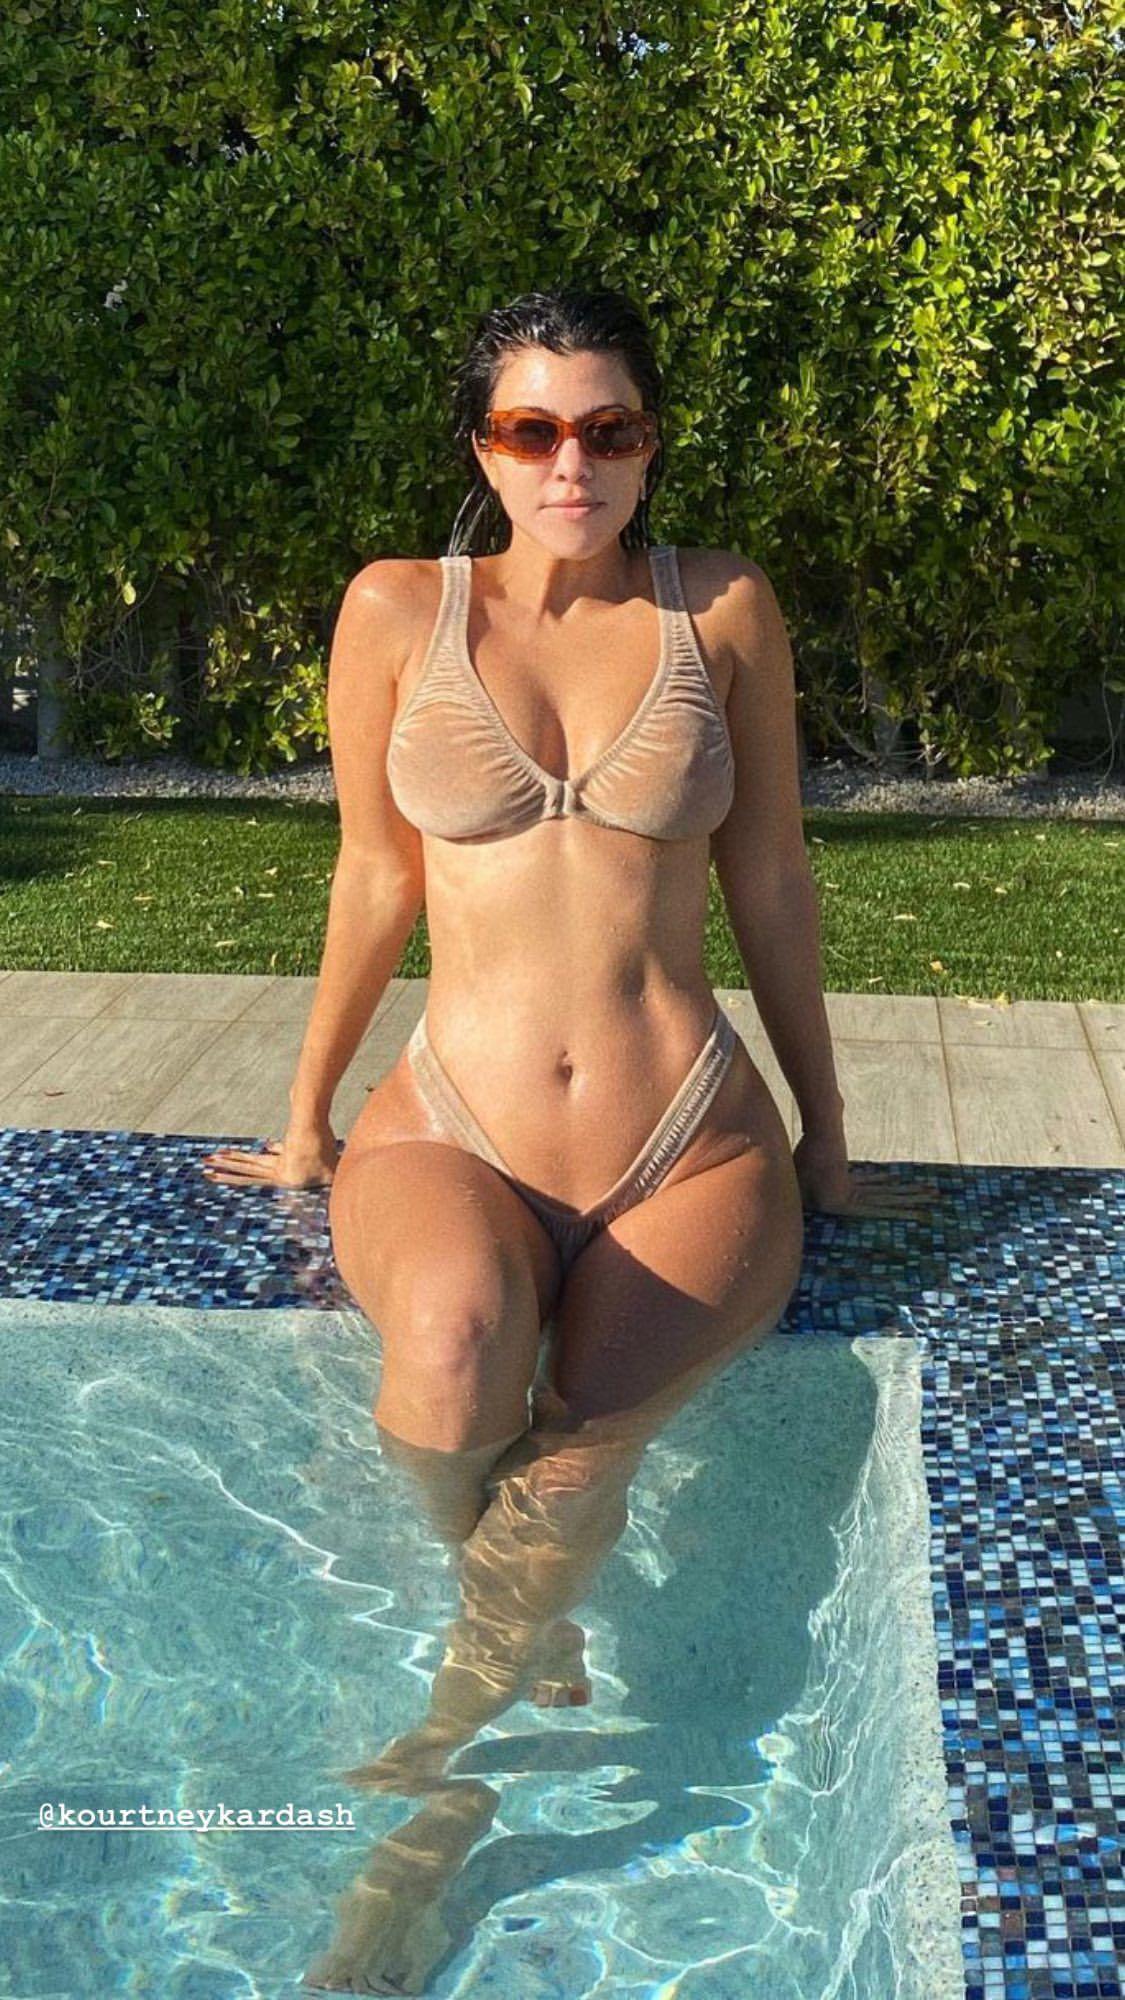 Kourtney Kardashian Sexy In Tiny Bikini